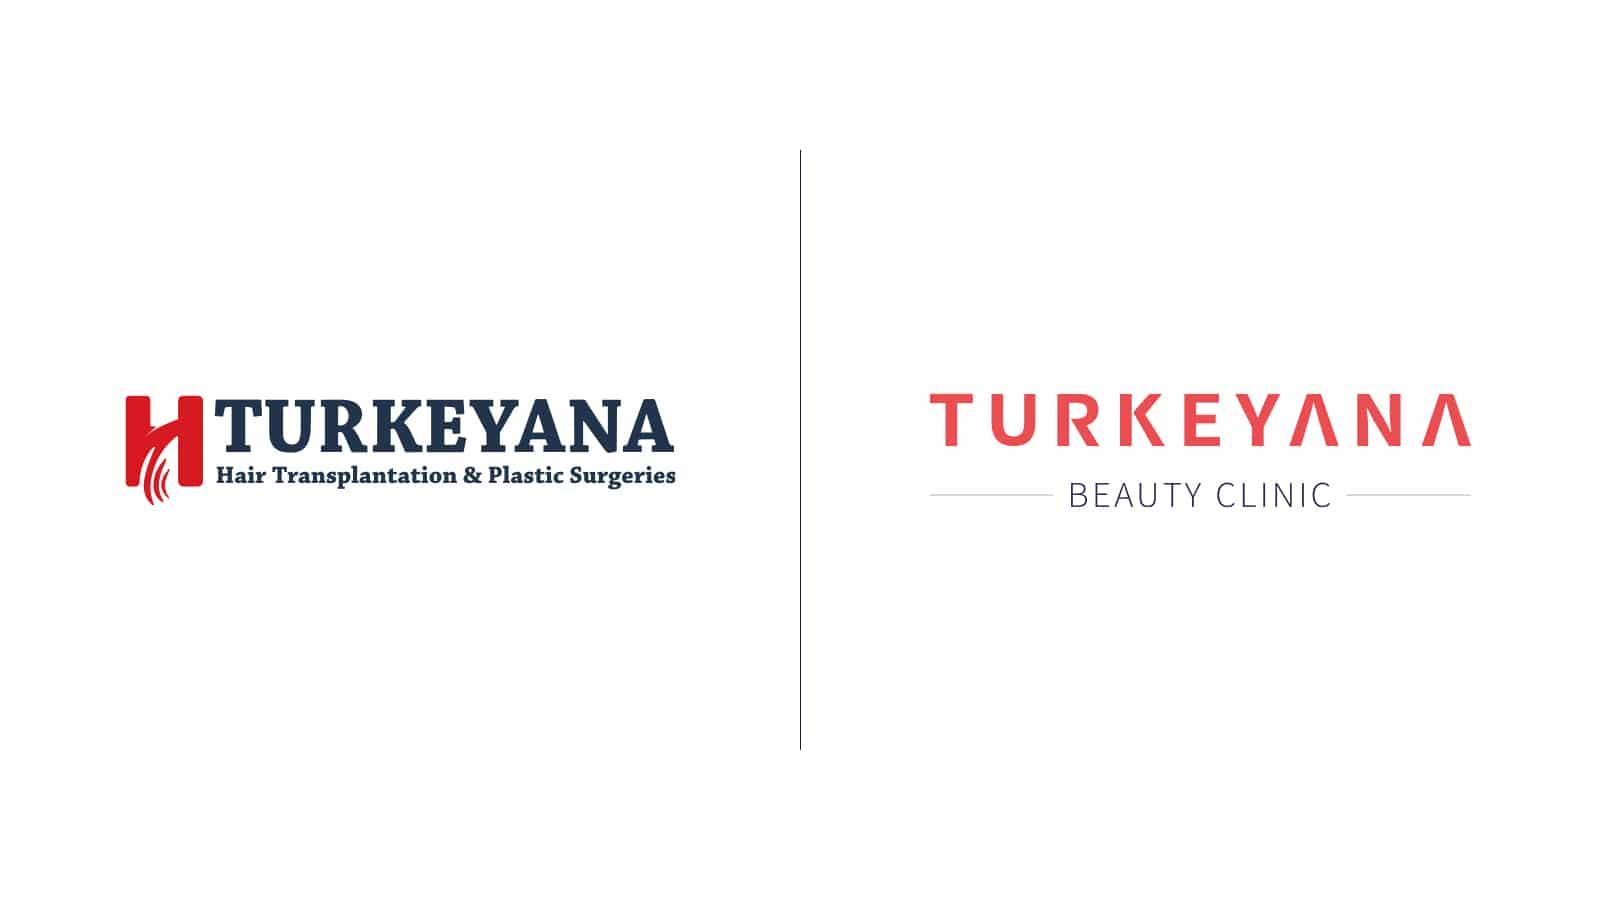 """Die Geschichte Hinter Dem Logo """"TURKEYANA 2020"""""""